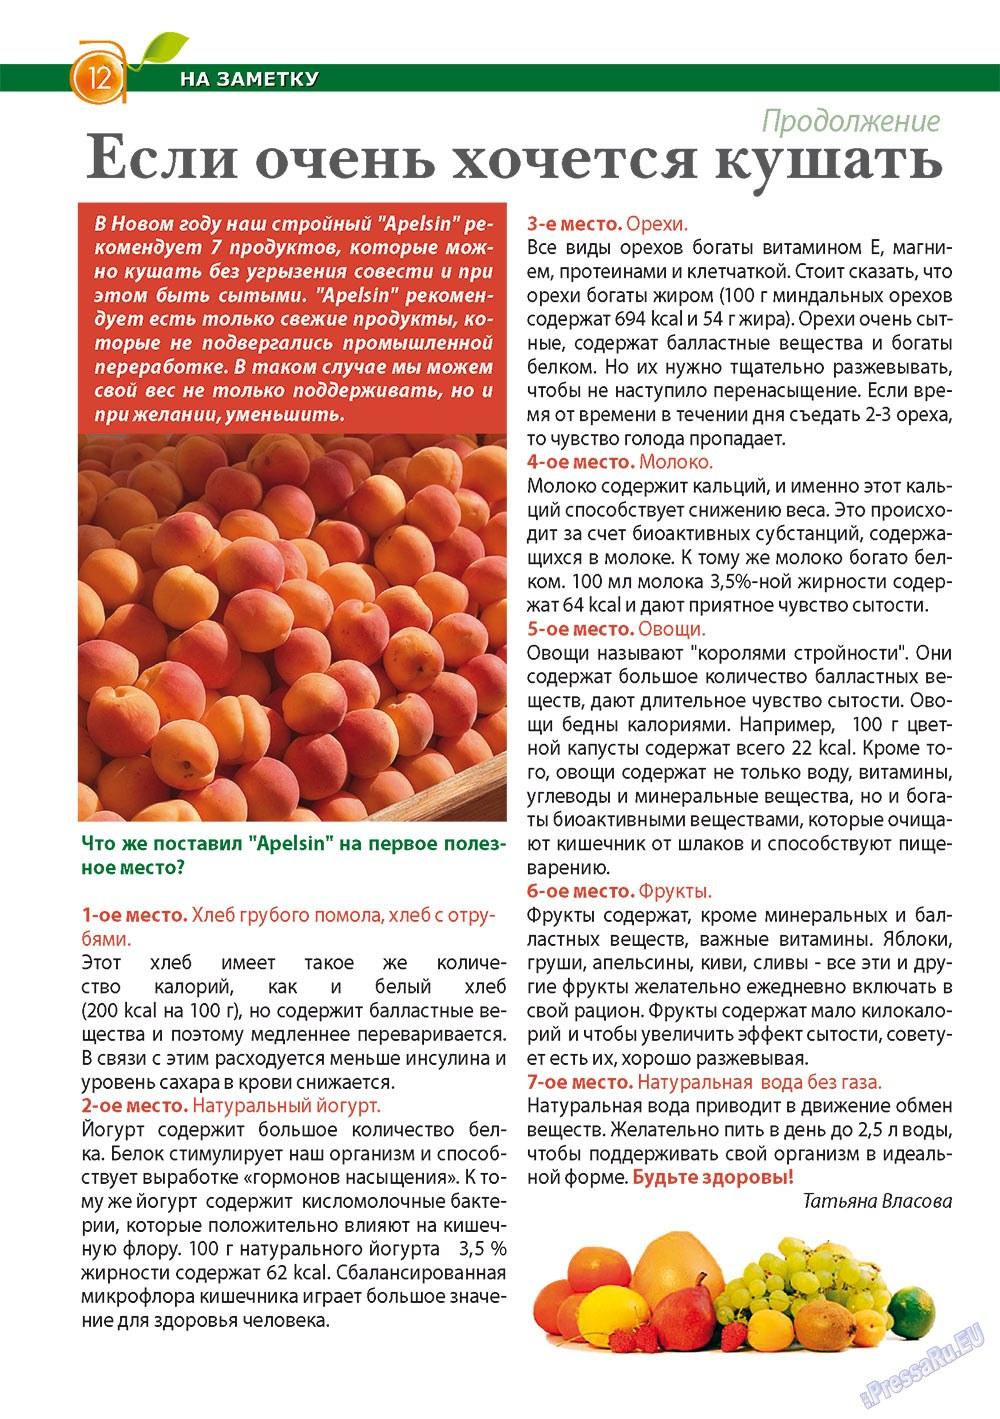 Апельсин (журнал). 2013 год, номер 42, стр. 10